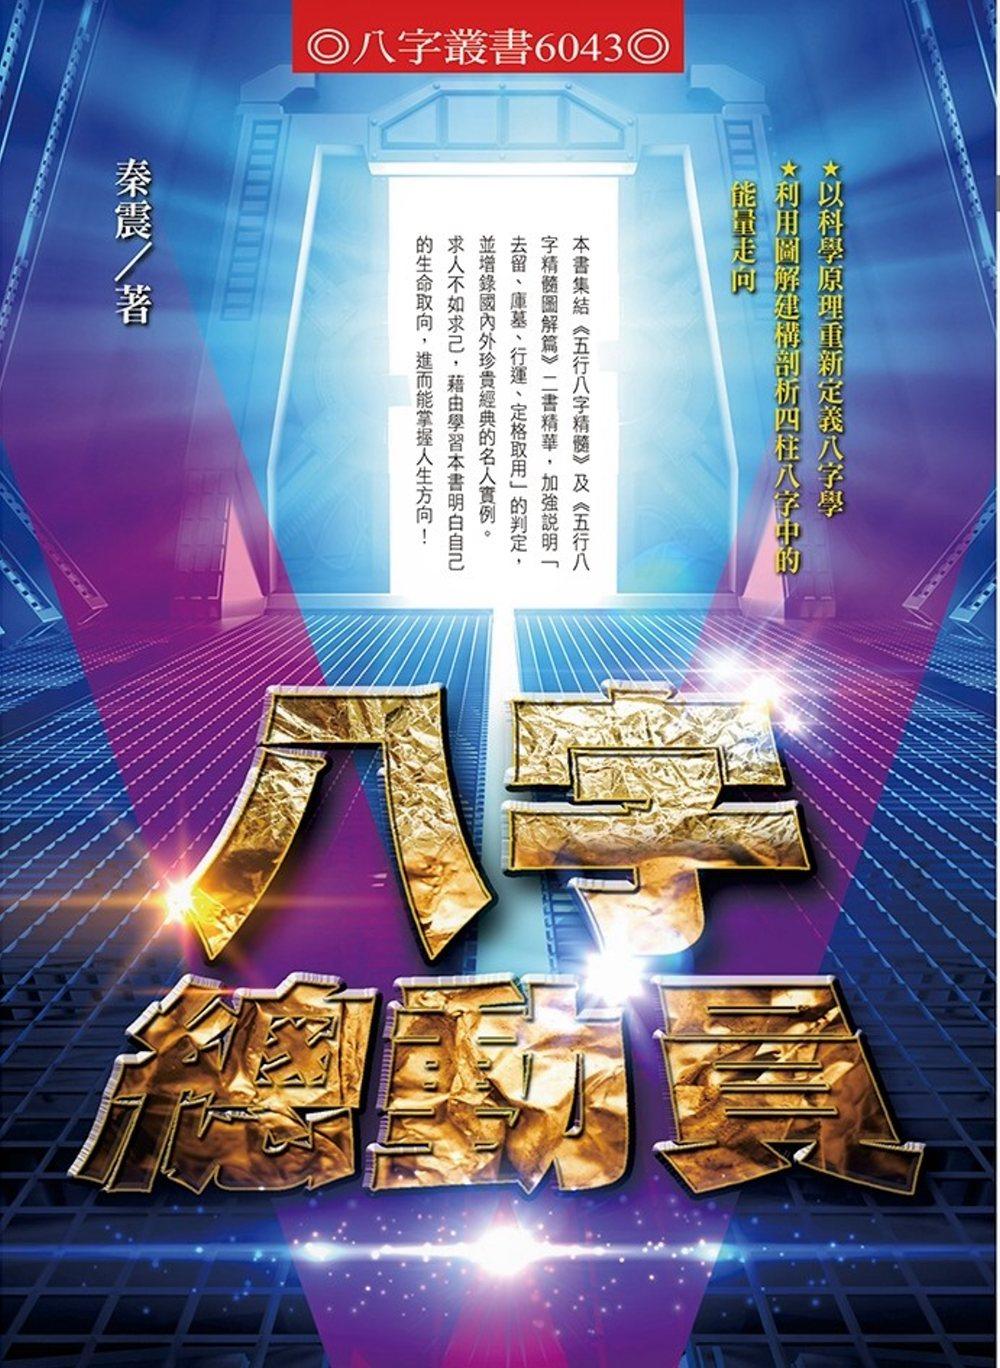 《八字總動員》 商品條碼,ISBN:9789869543026